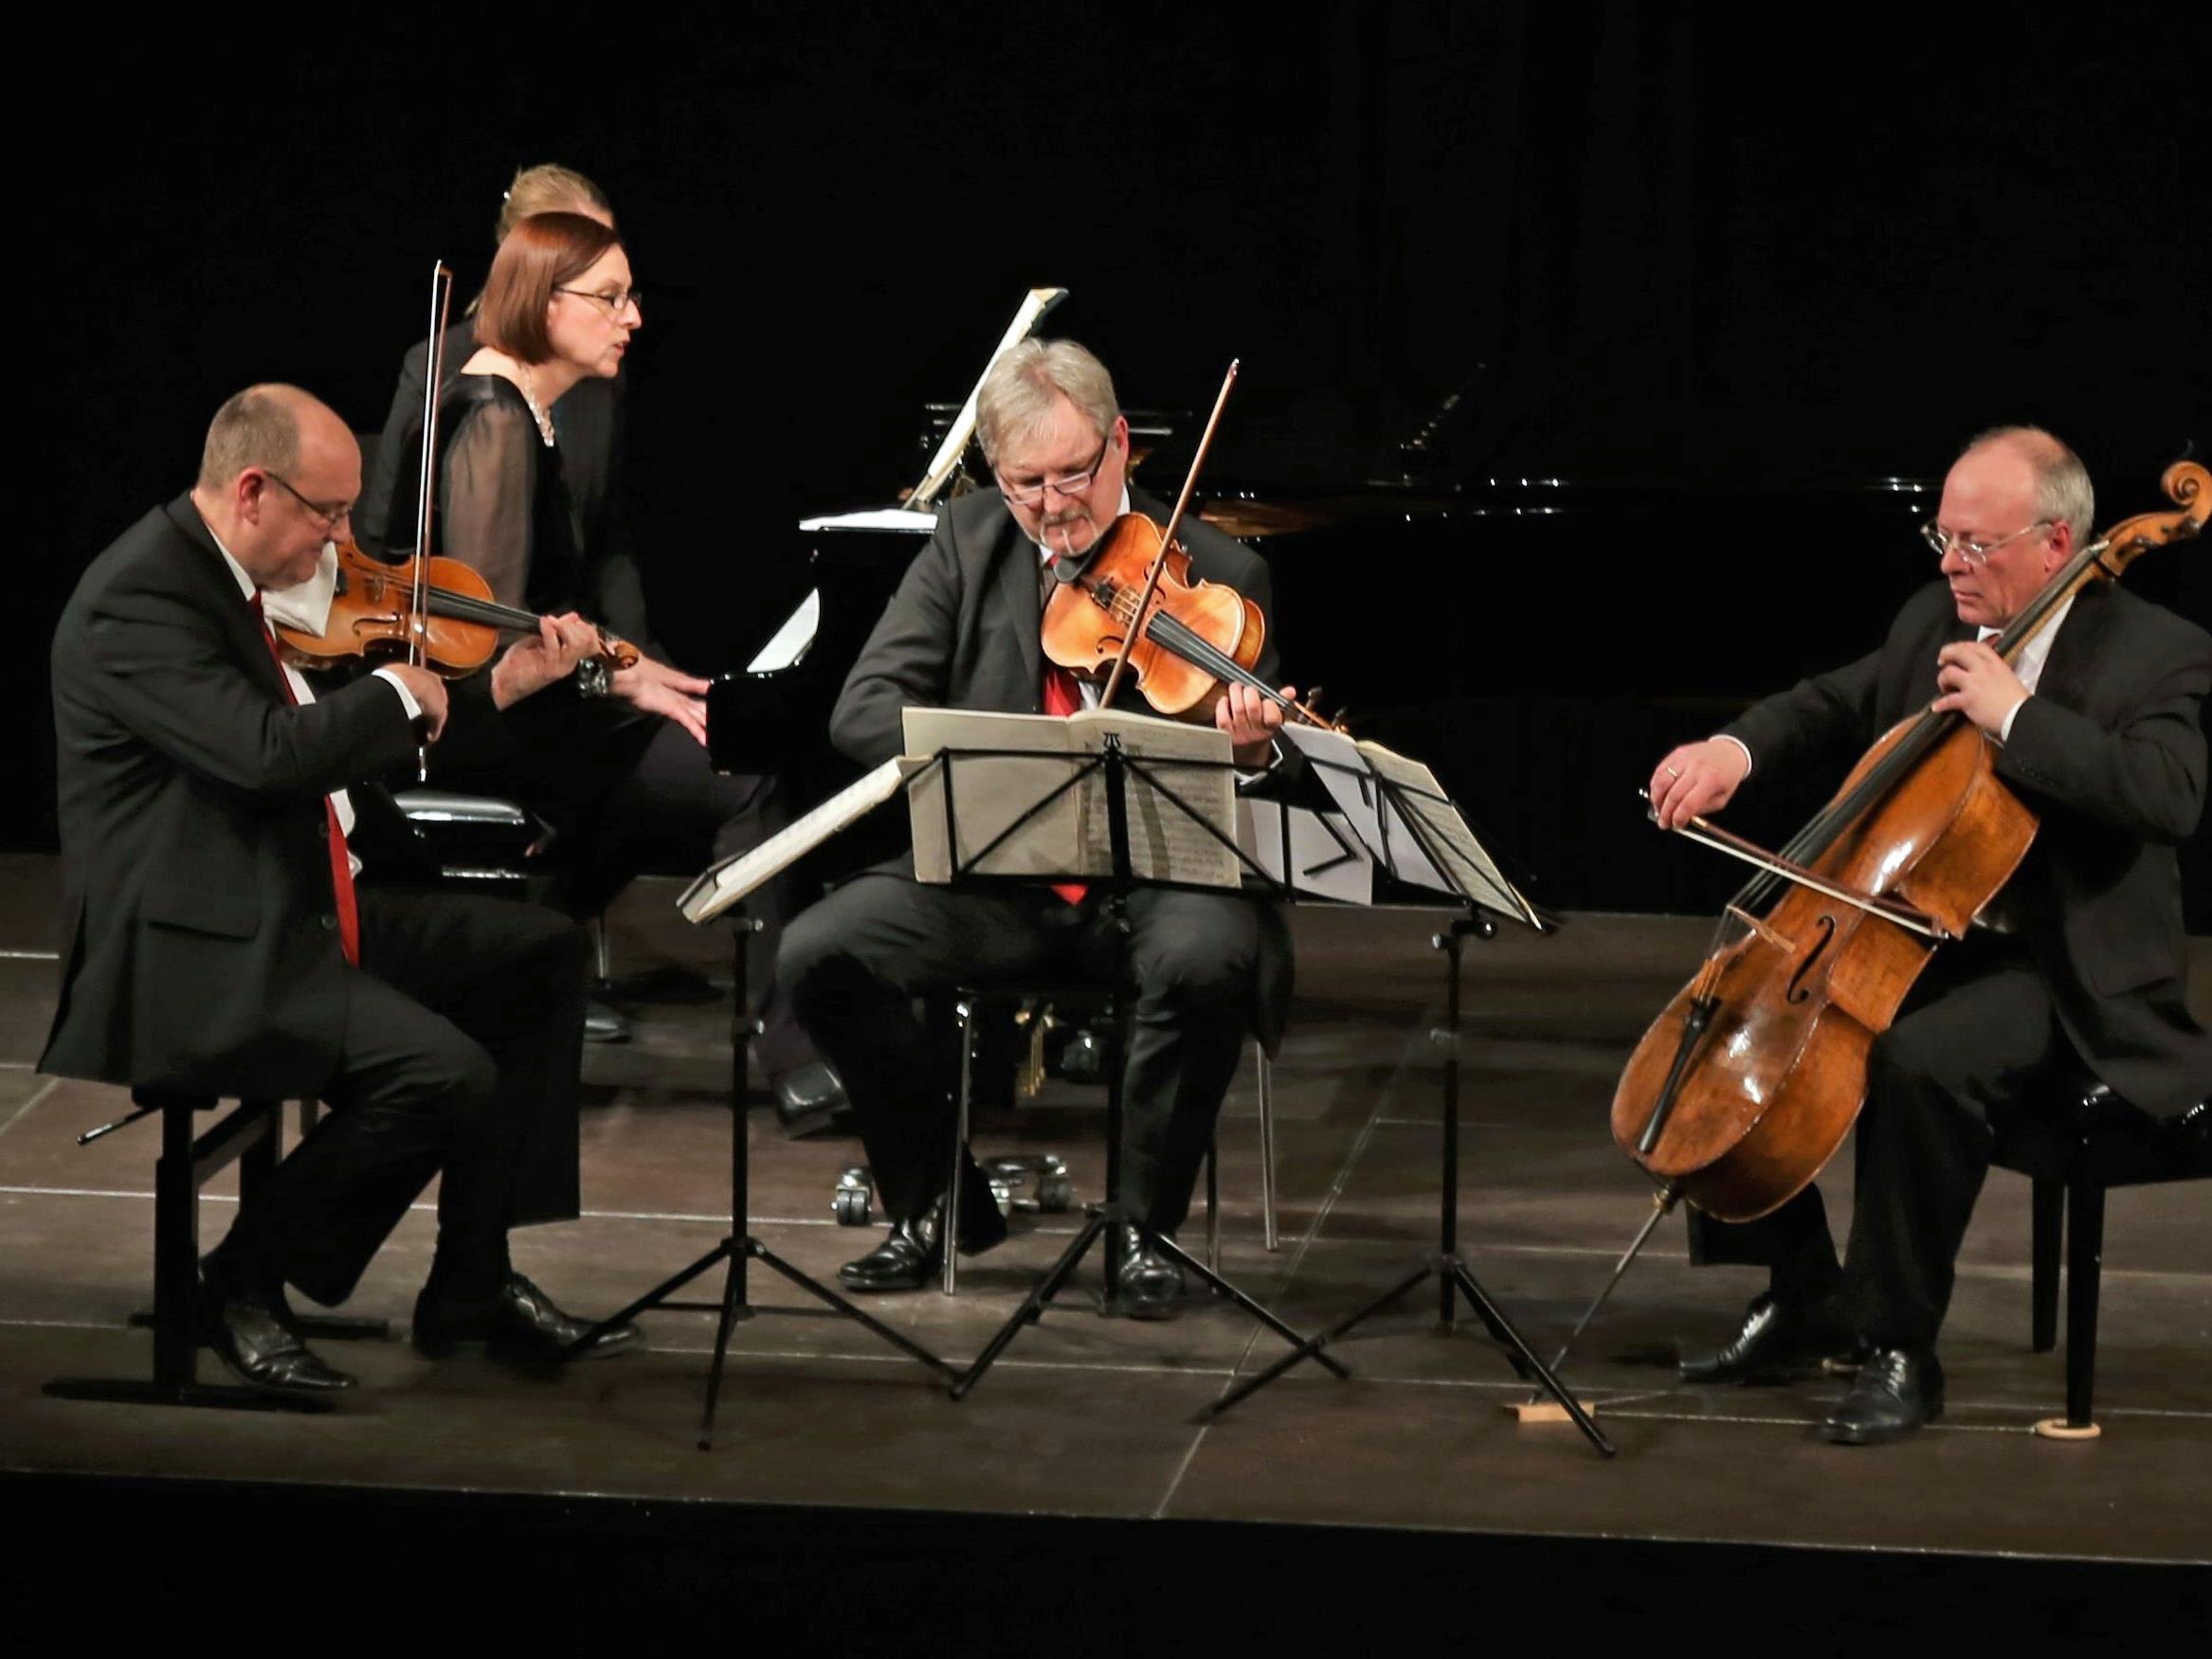 Anna Adamik (Klavier) und das Offenburger Streichtrio widmeten sich im Pförtnerhaus dem Klavierquartett in g-Moll von Johannes Brahms.